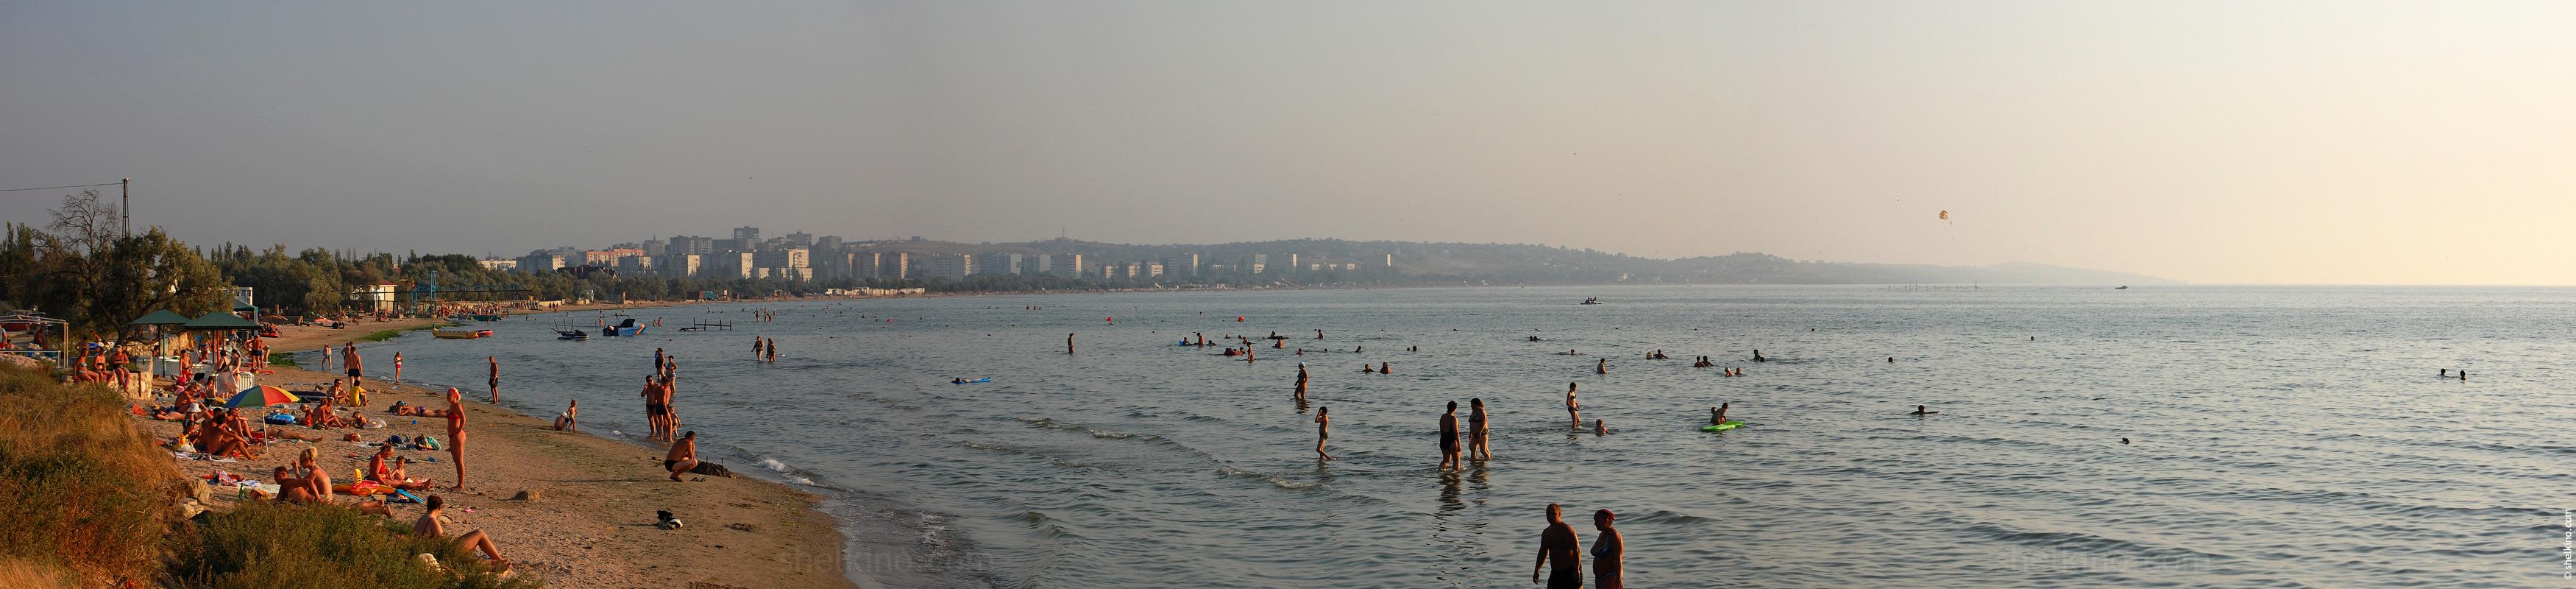 Щелкино фото пляжей и города